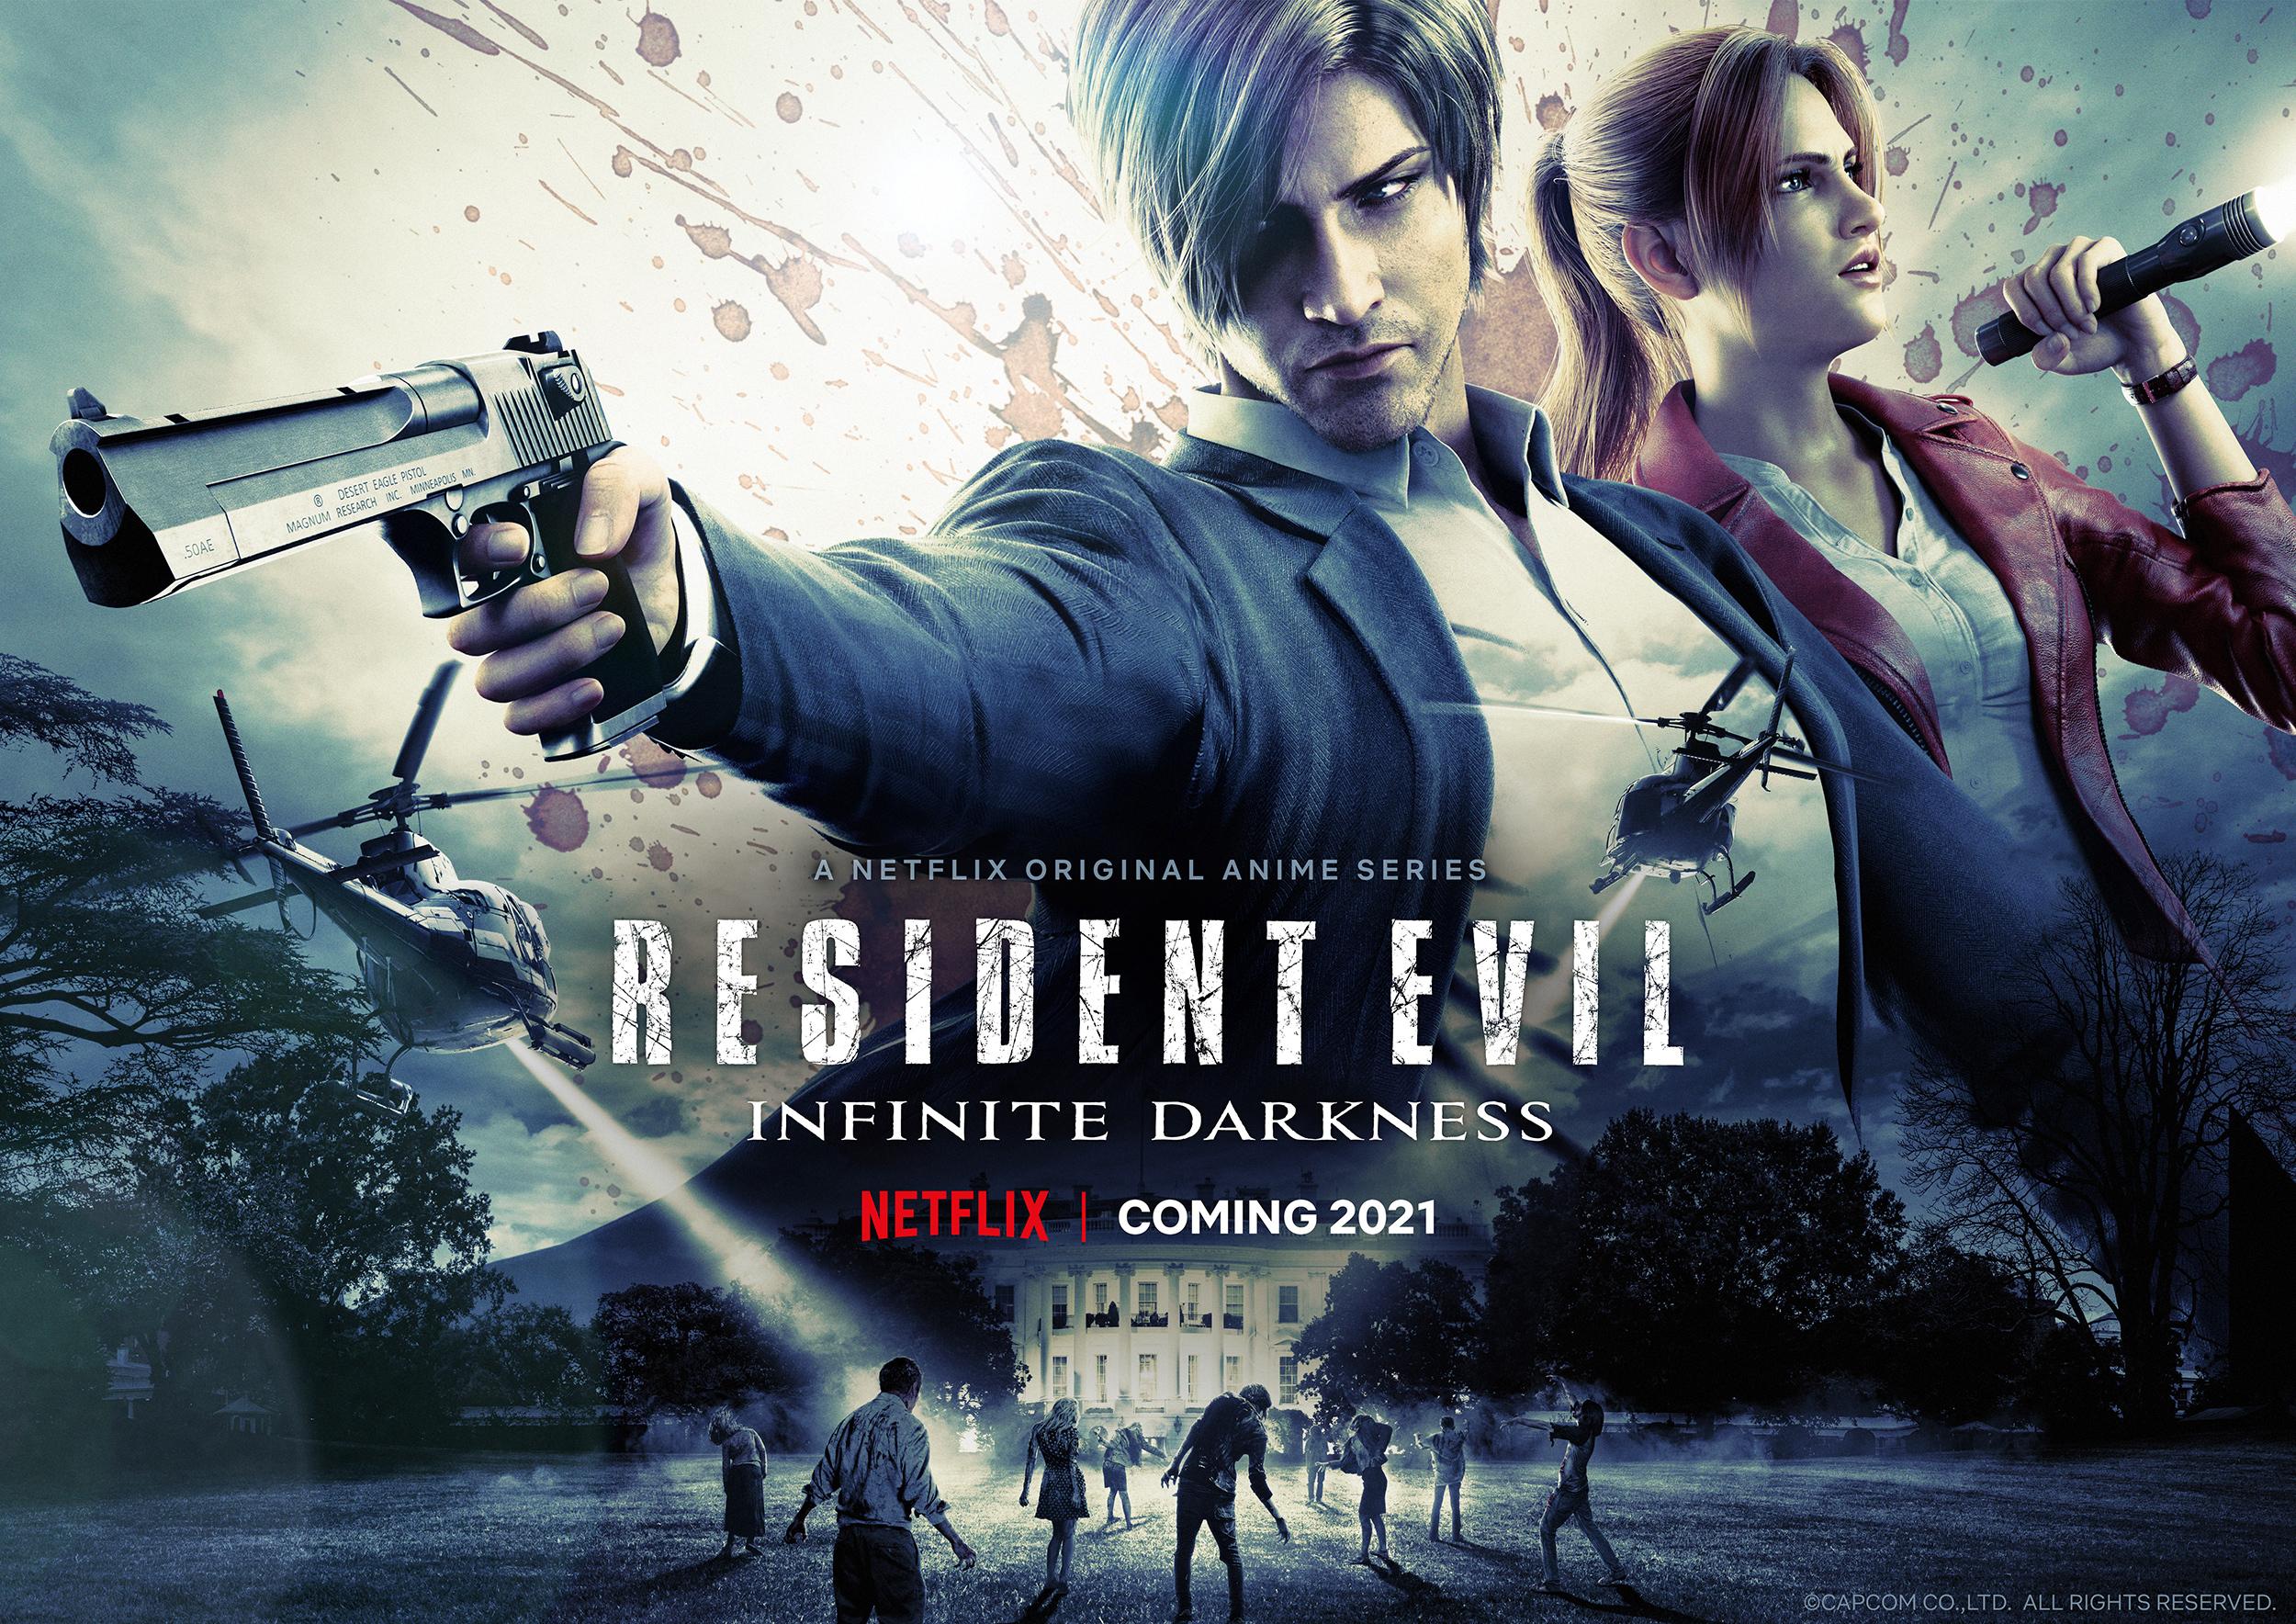 Resident Evil: Infinite Darkness จะเป็นเรื่องราวที่เกิดขึ้นในปี 2006